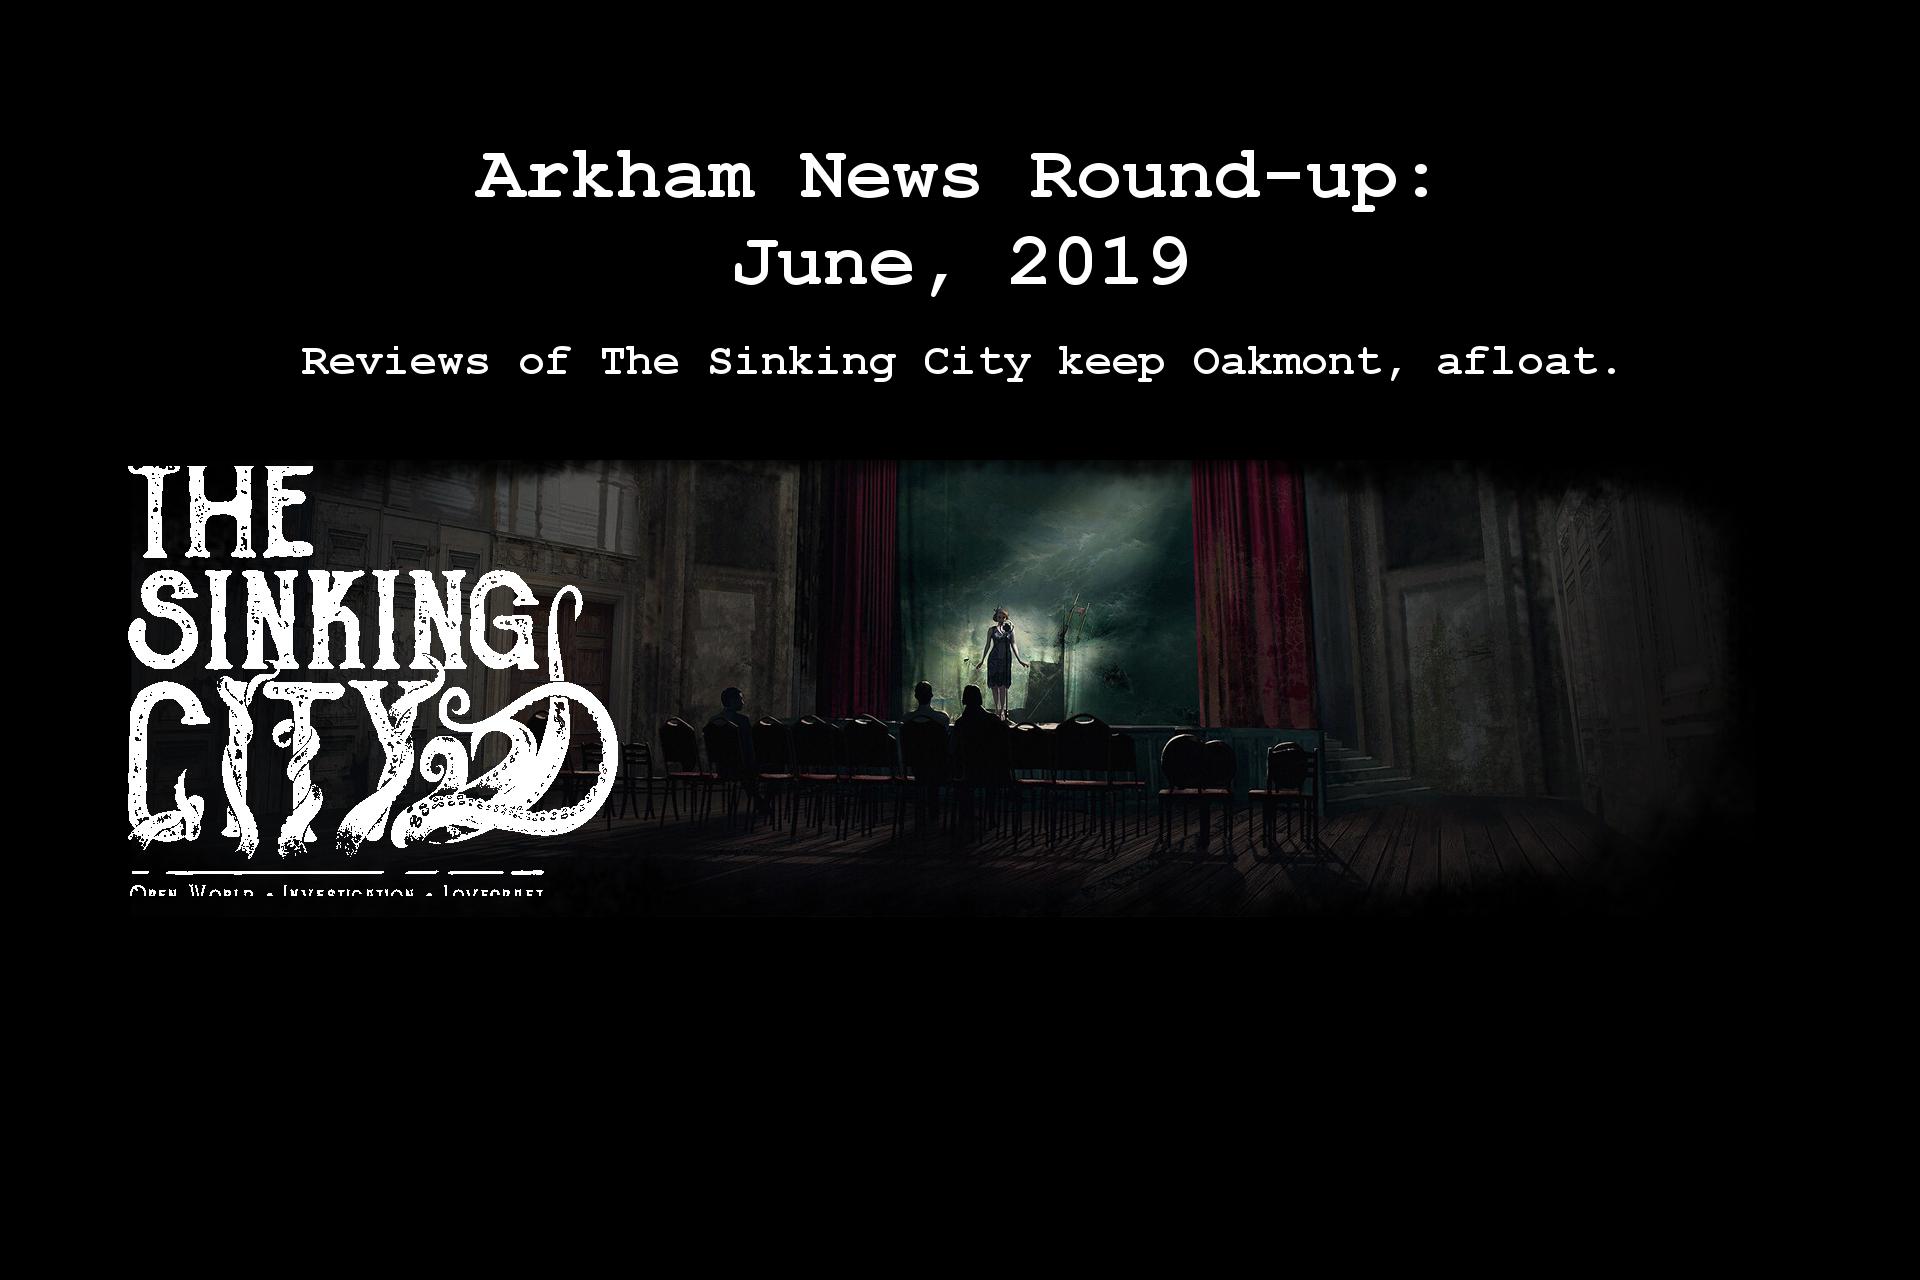 Sinking City Slide.jpg